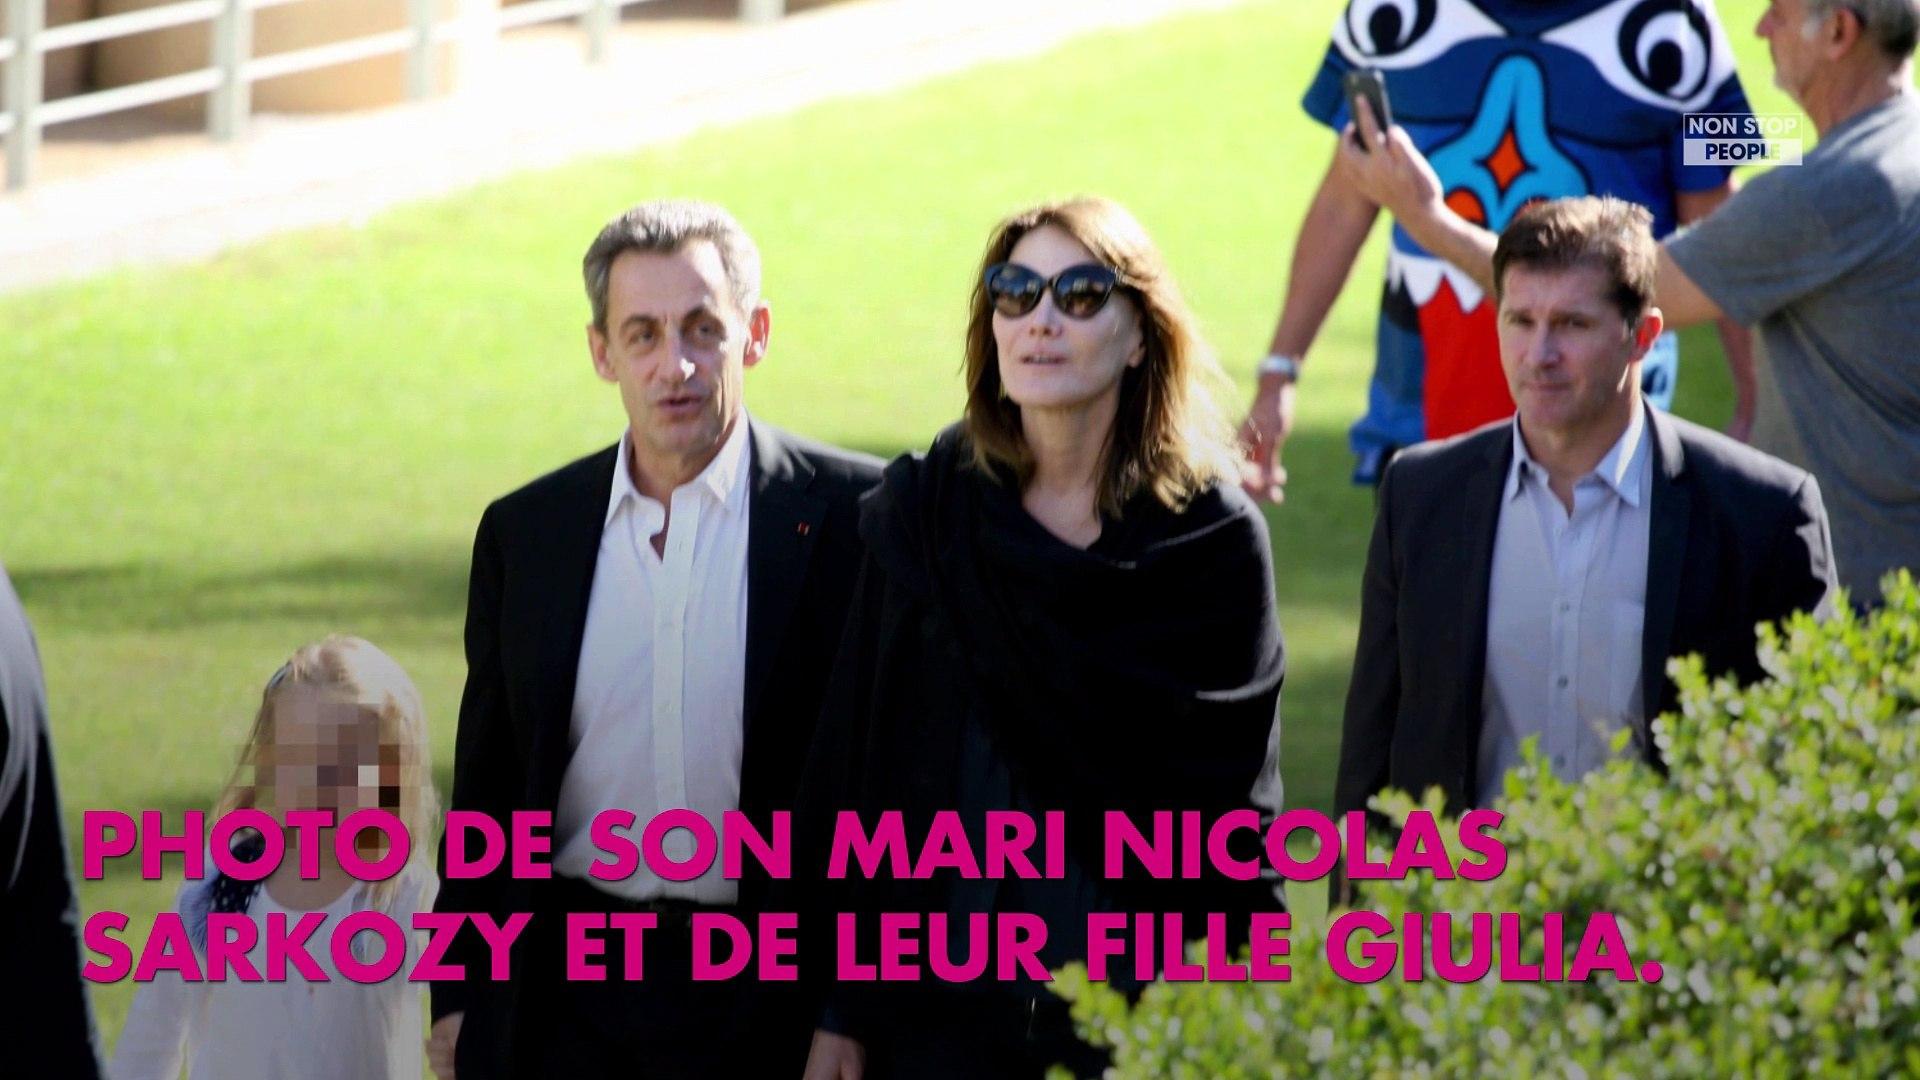 Carla Bruni Son Adorable Photo De Nicolas Sarkozy Et De Sa Fille Giulia Video Dailymotion